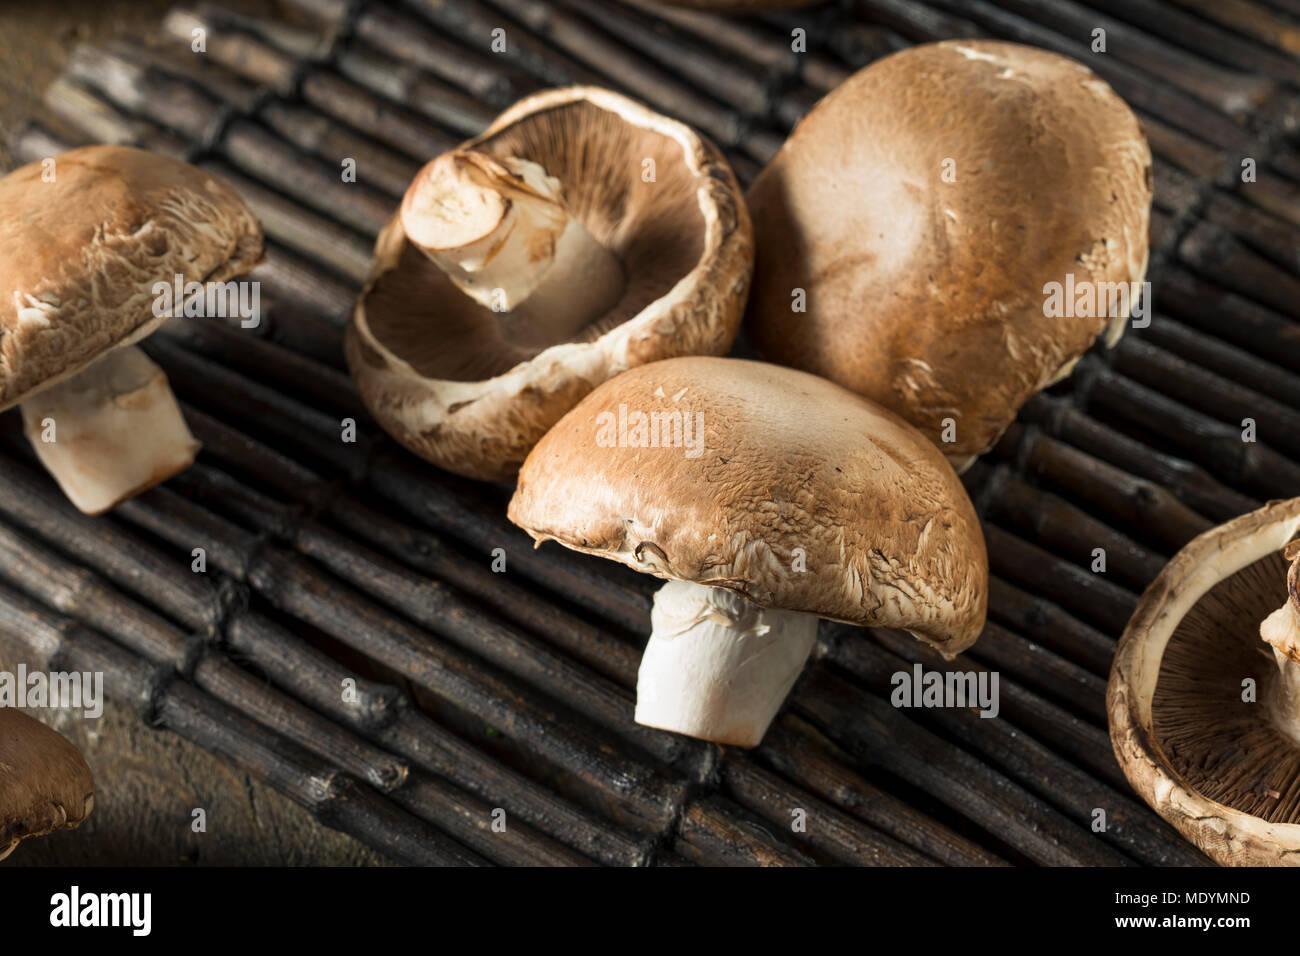 Hongos Portobello Orgánicos Crudos Listos Para Cocinar